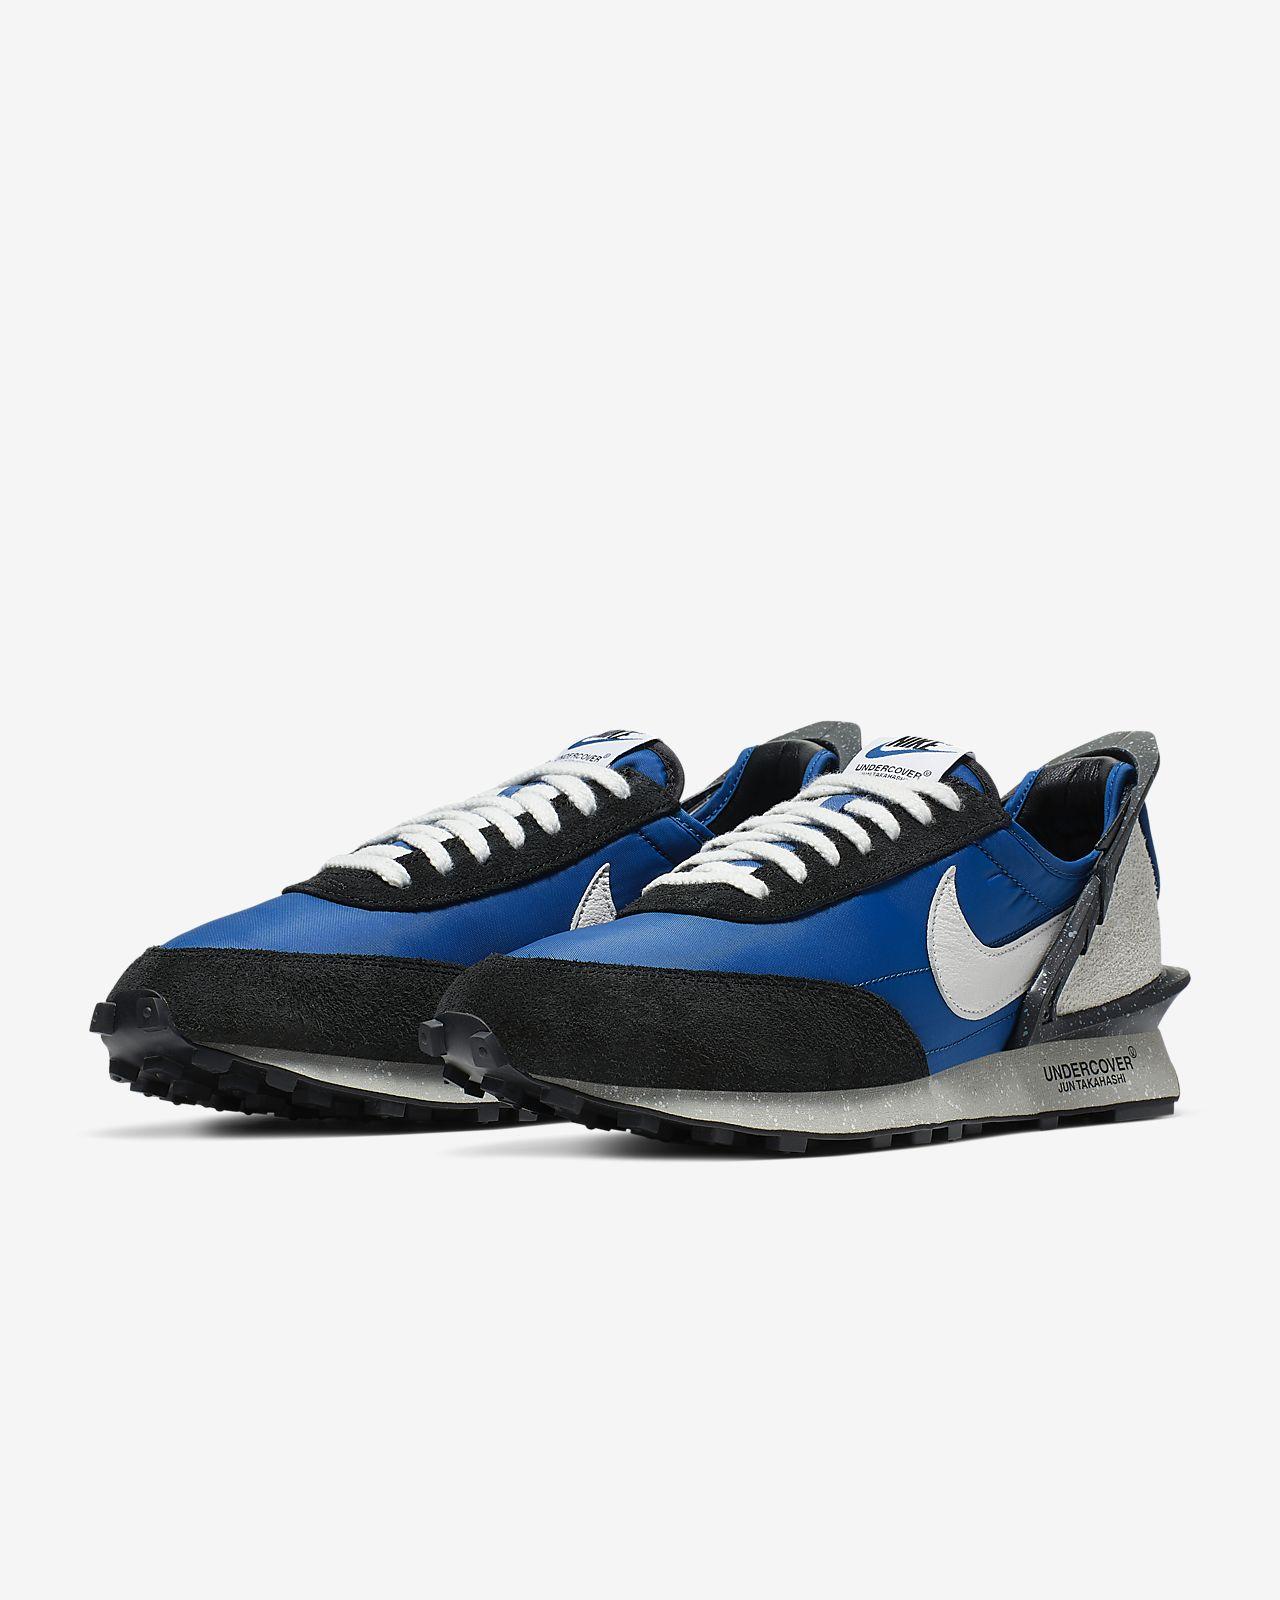 Daybreak Men's Undercover Shoe Nike x vmbfIY7gy6